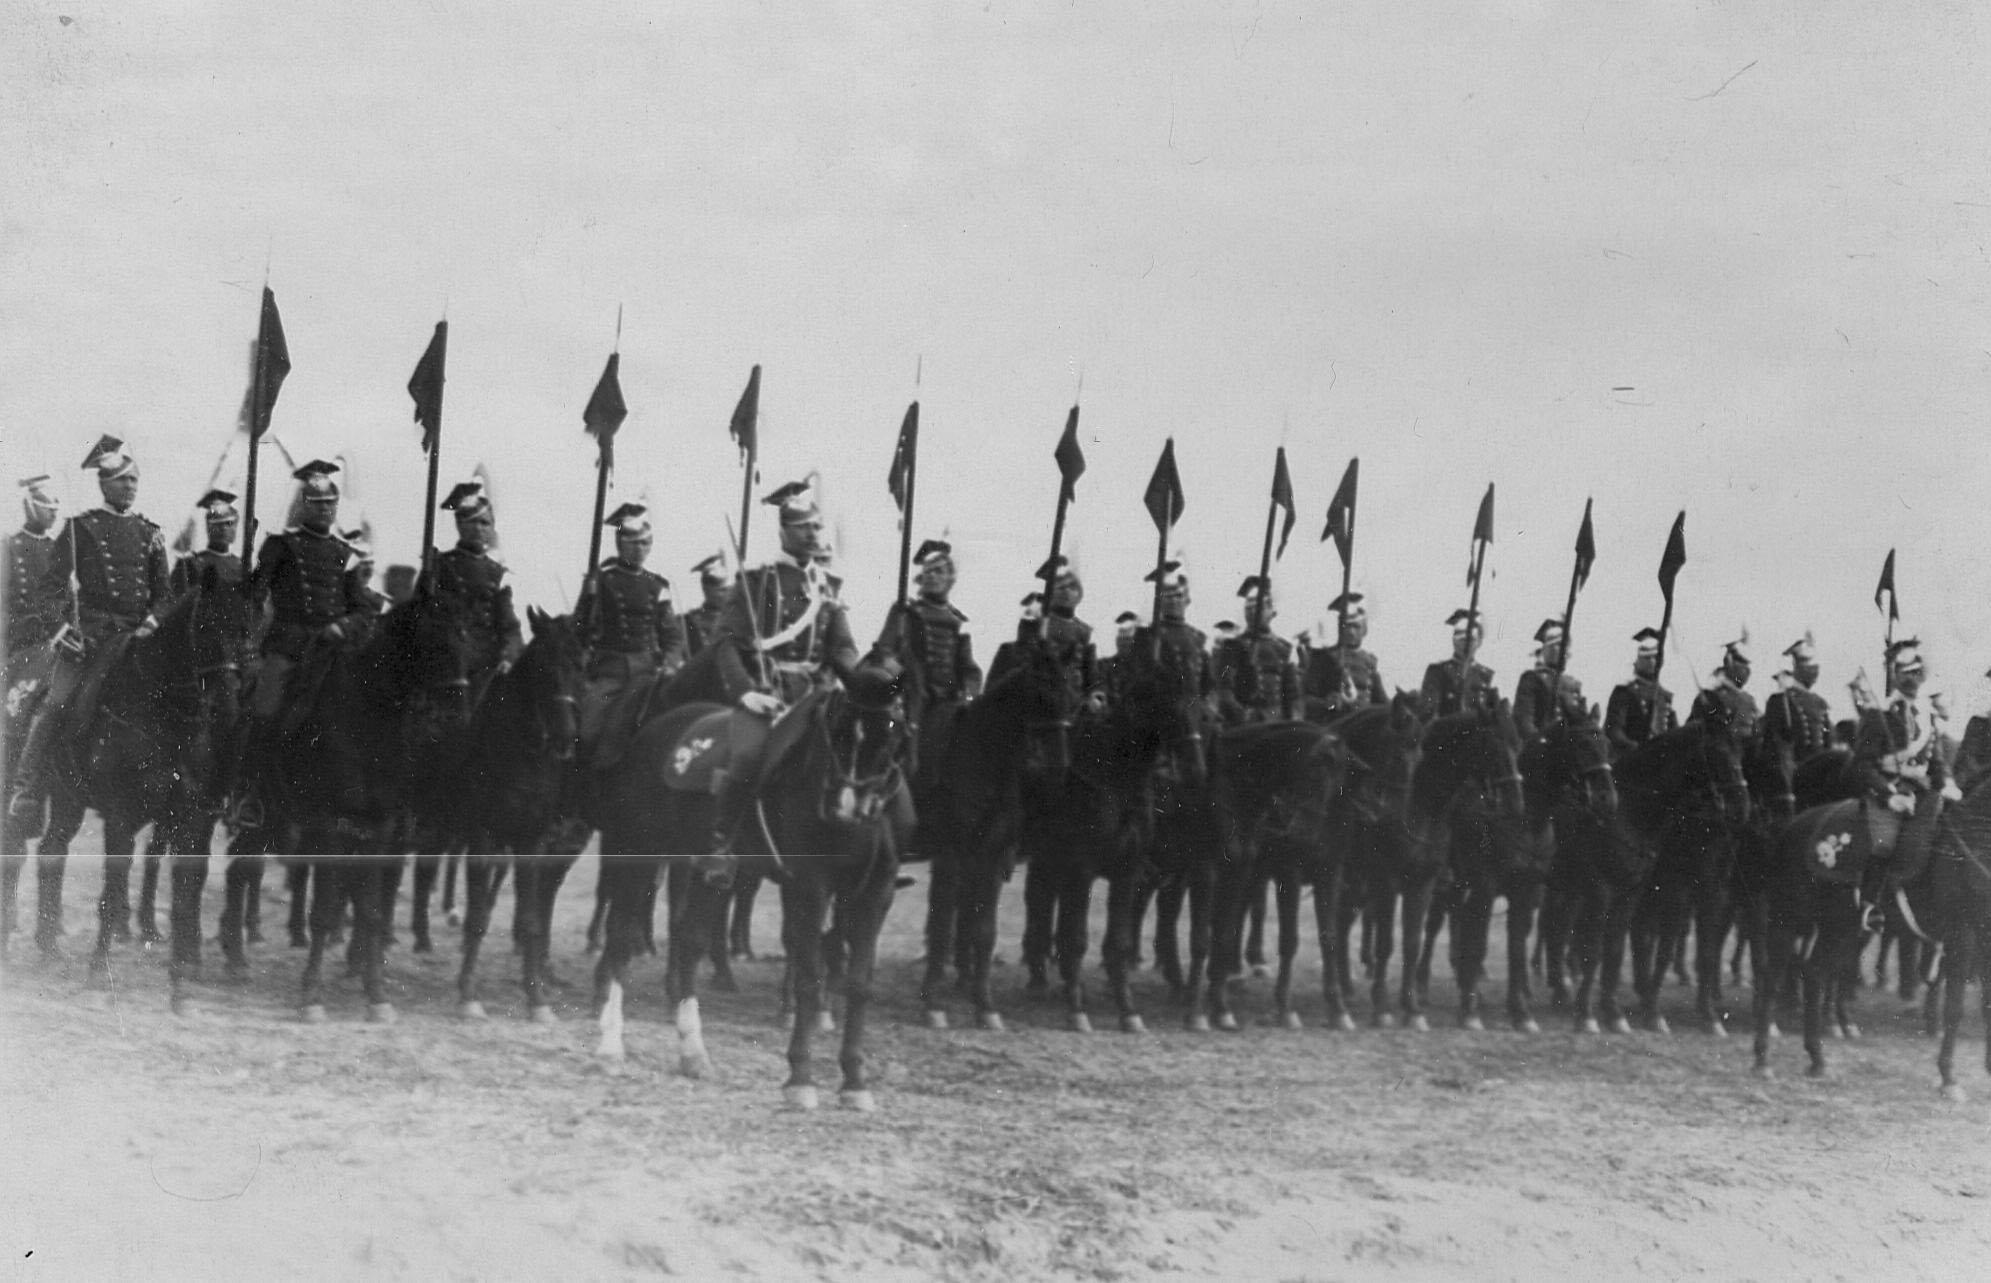 Полк , построенный для парада по случаю празднования 250-летнего юбилея Уланского полка